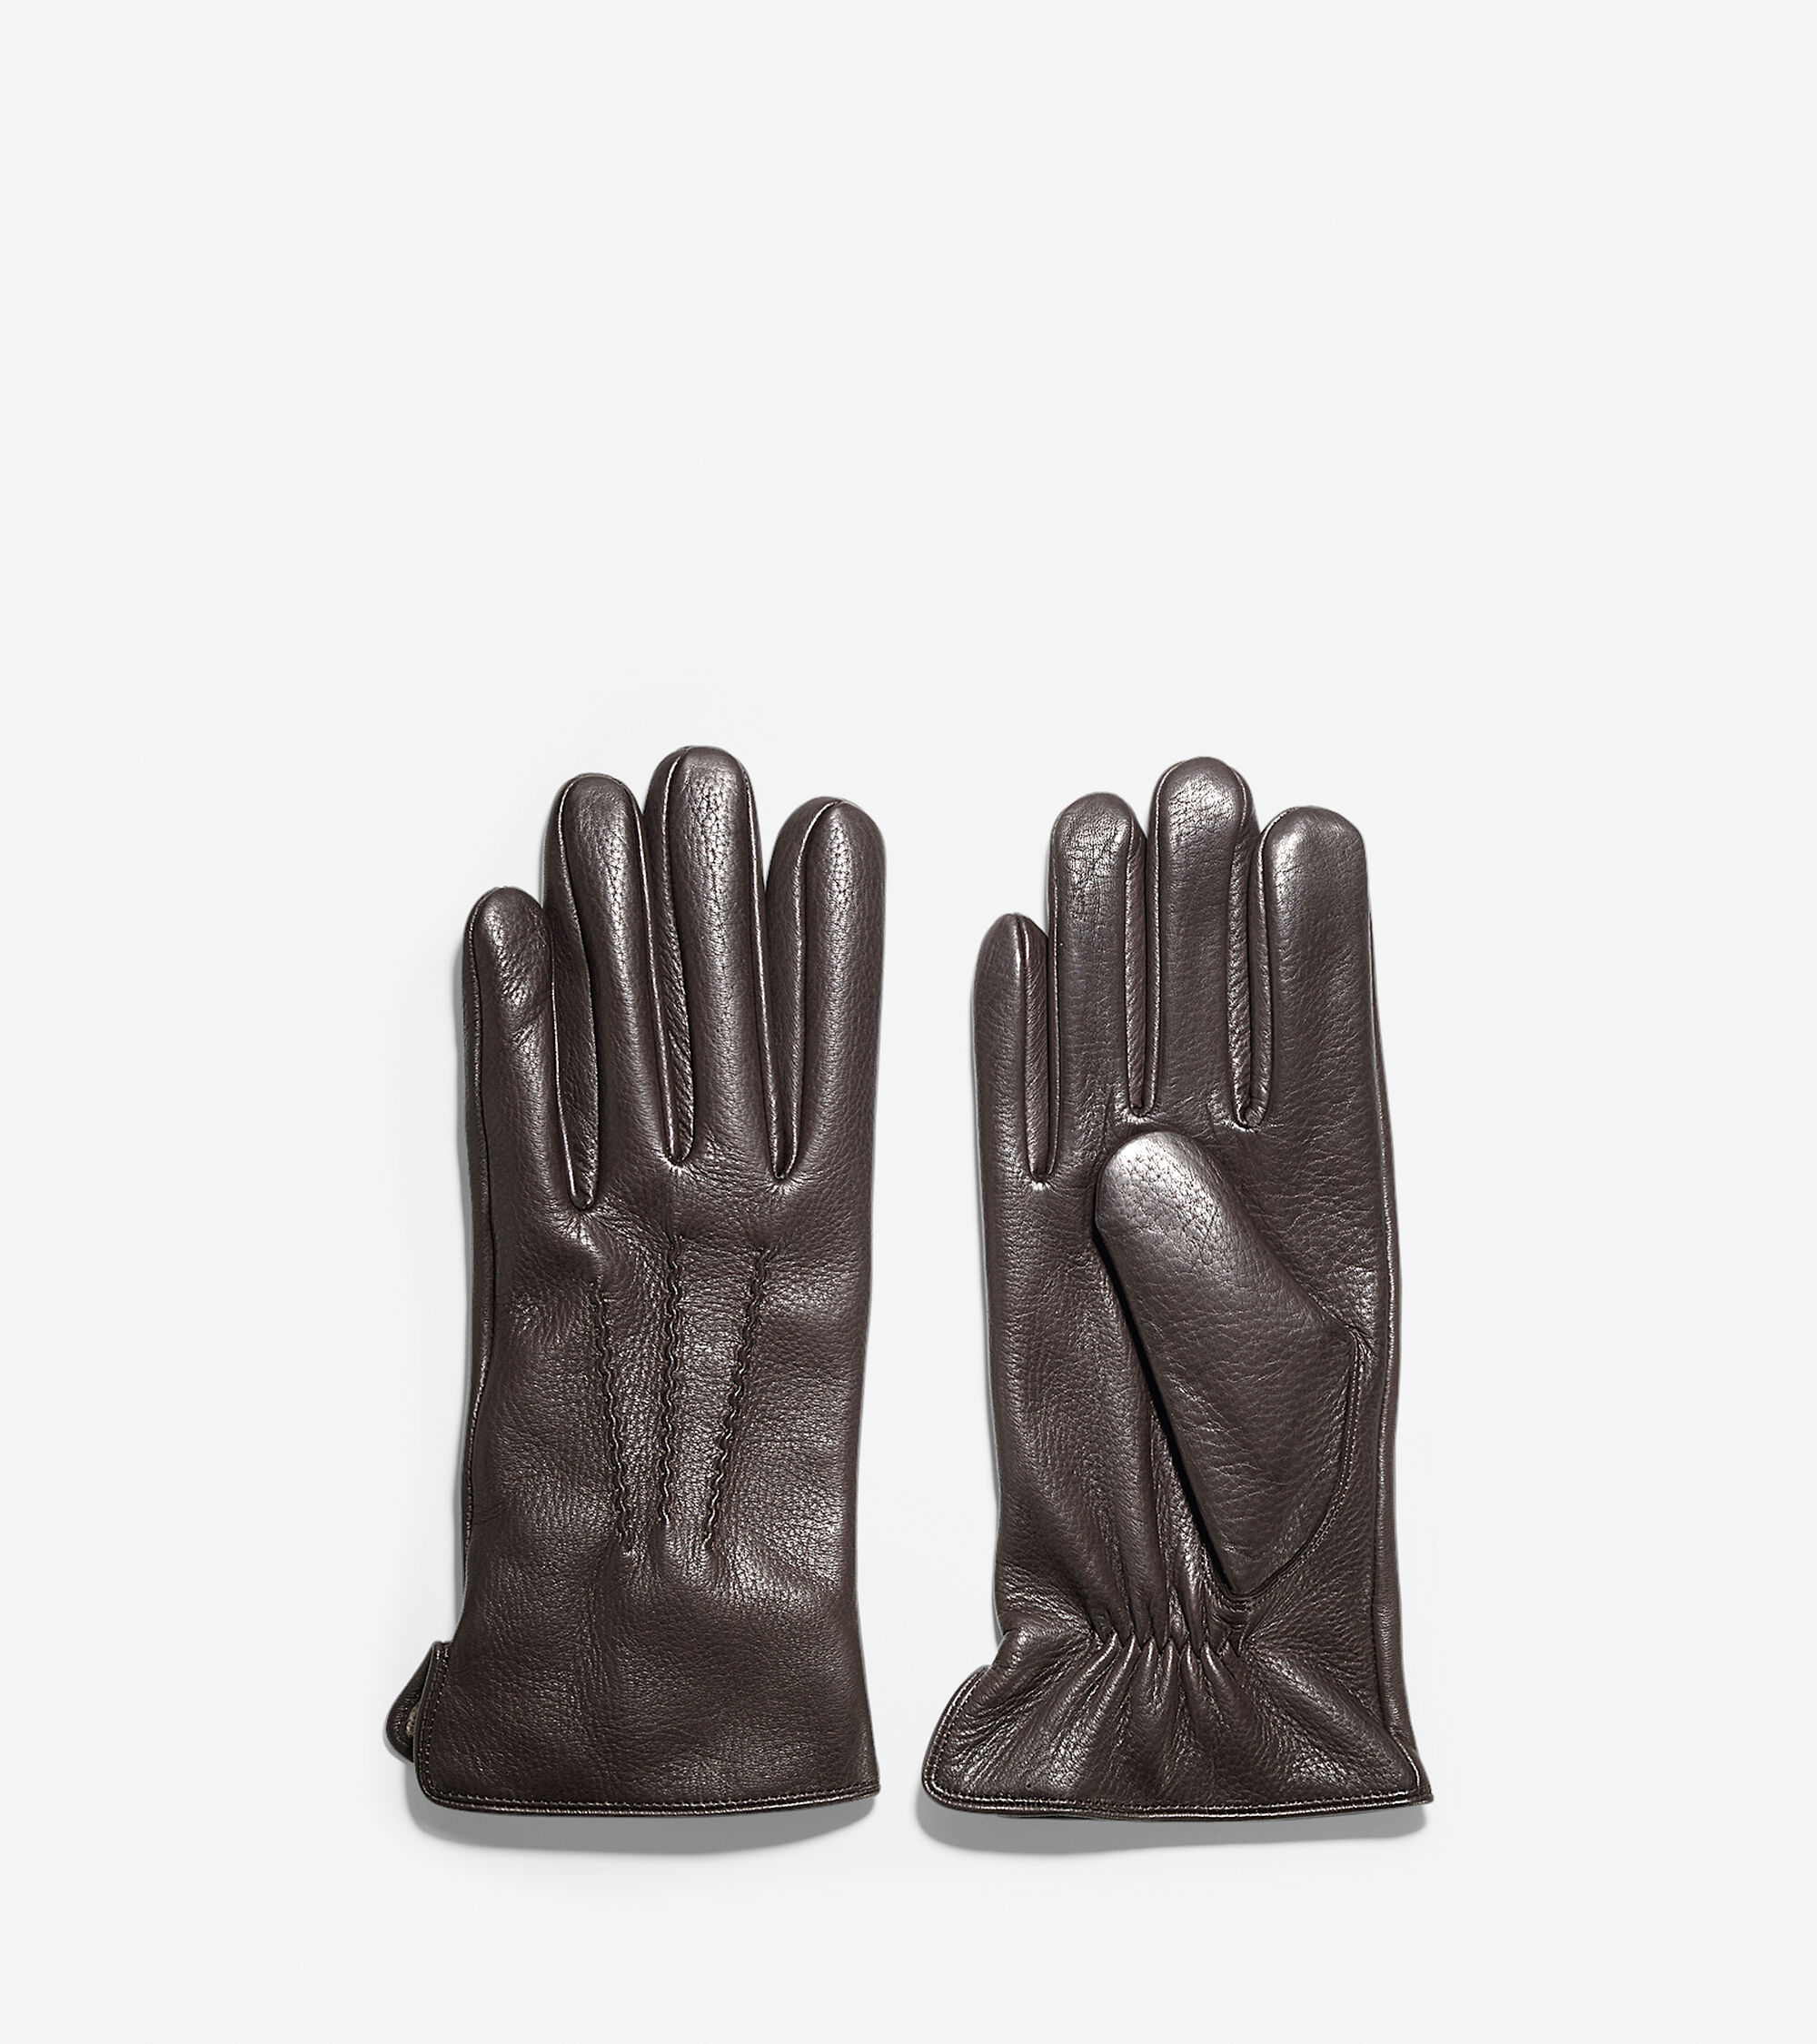 Mens deerskin gloves - Classic Deerskin Glove Classic Deerskin Glove